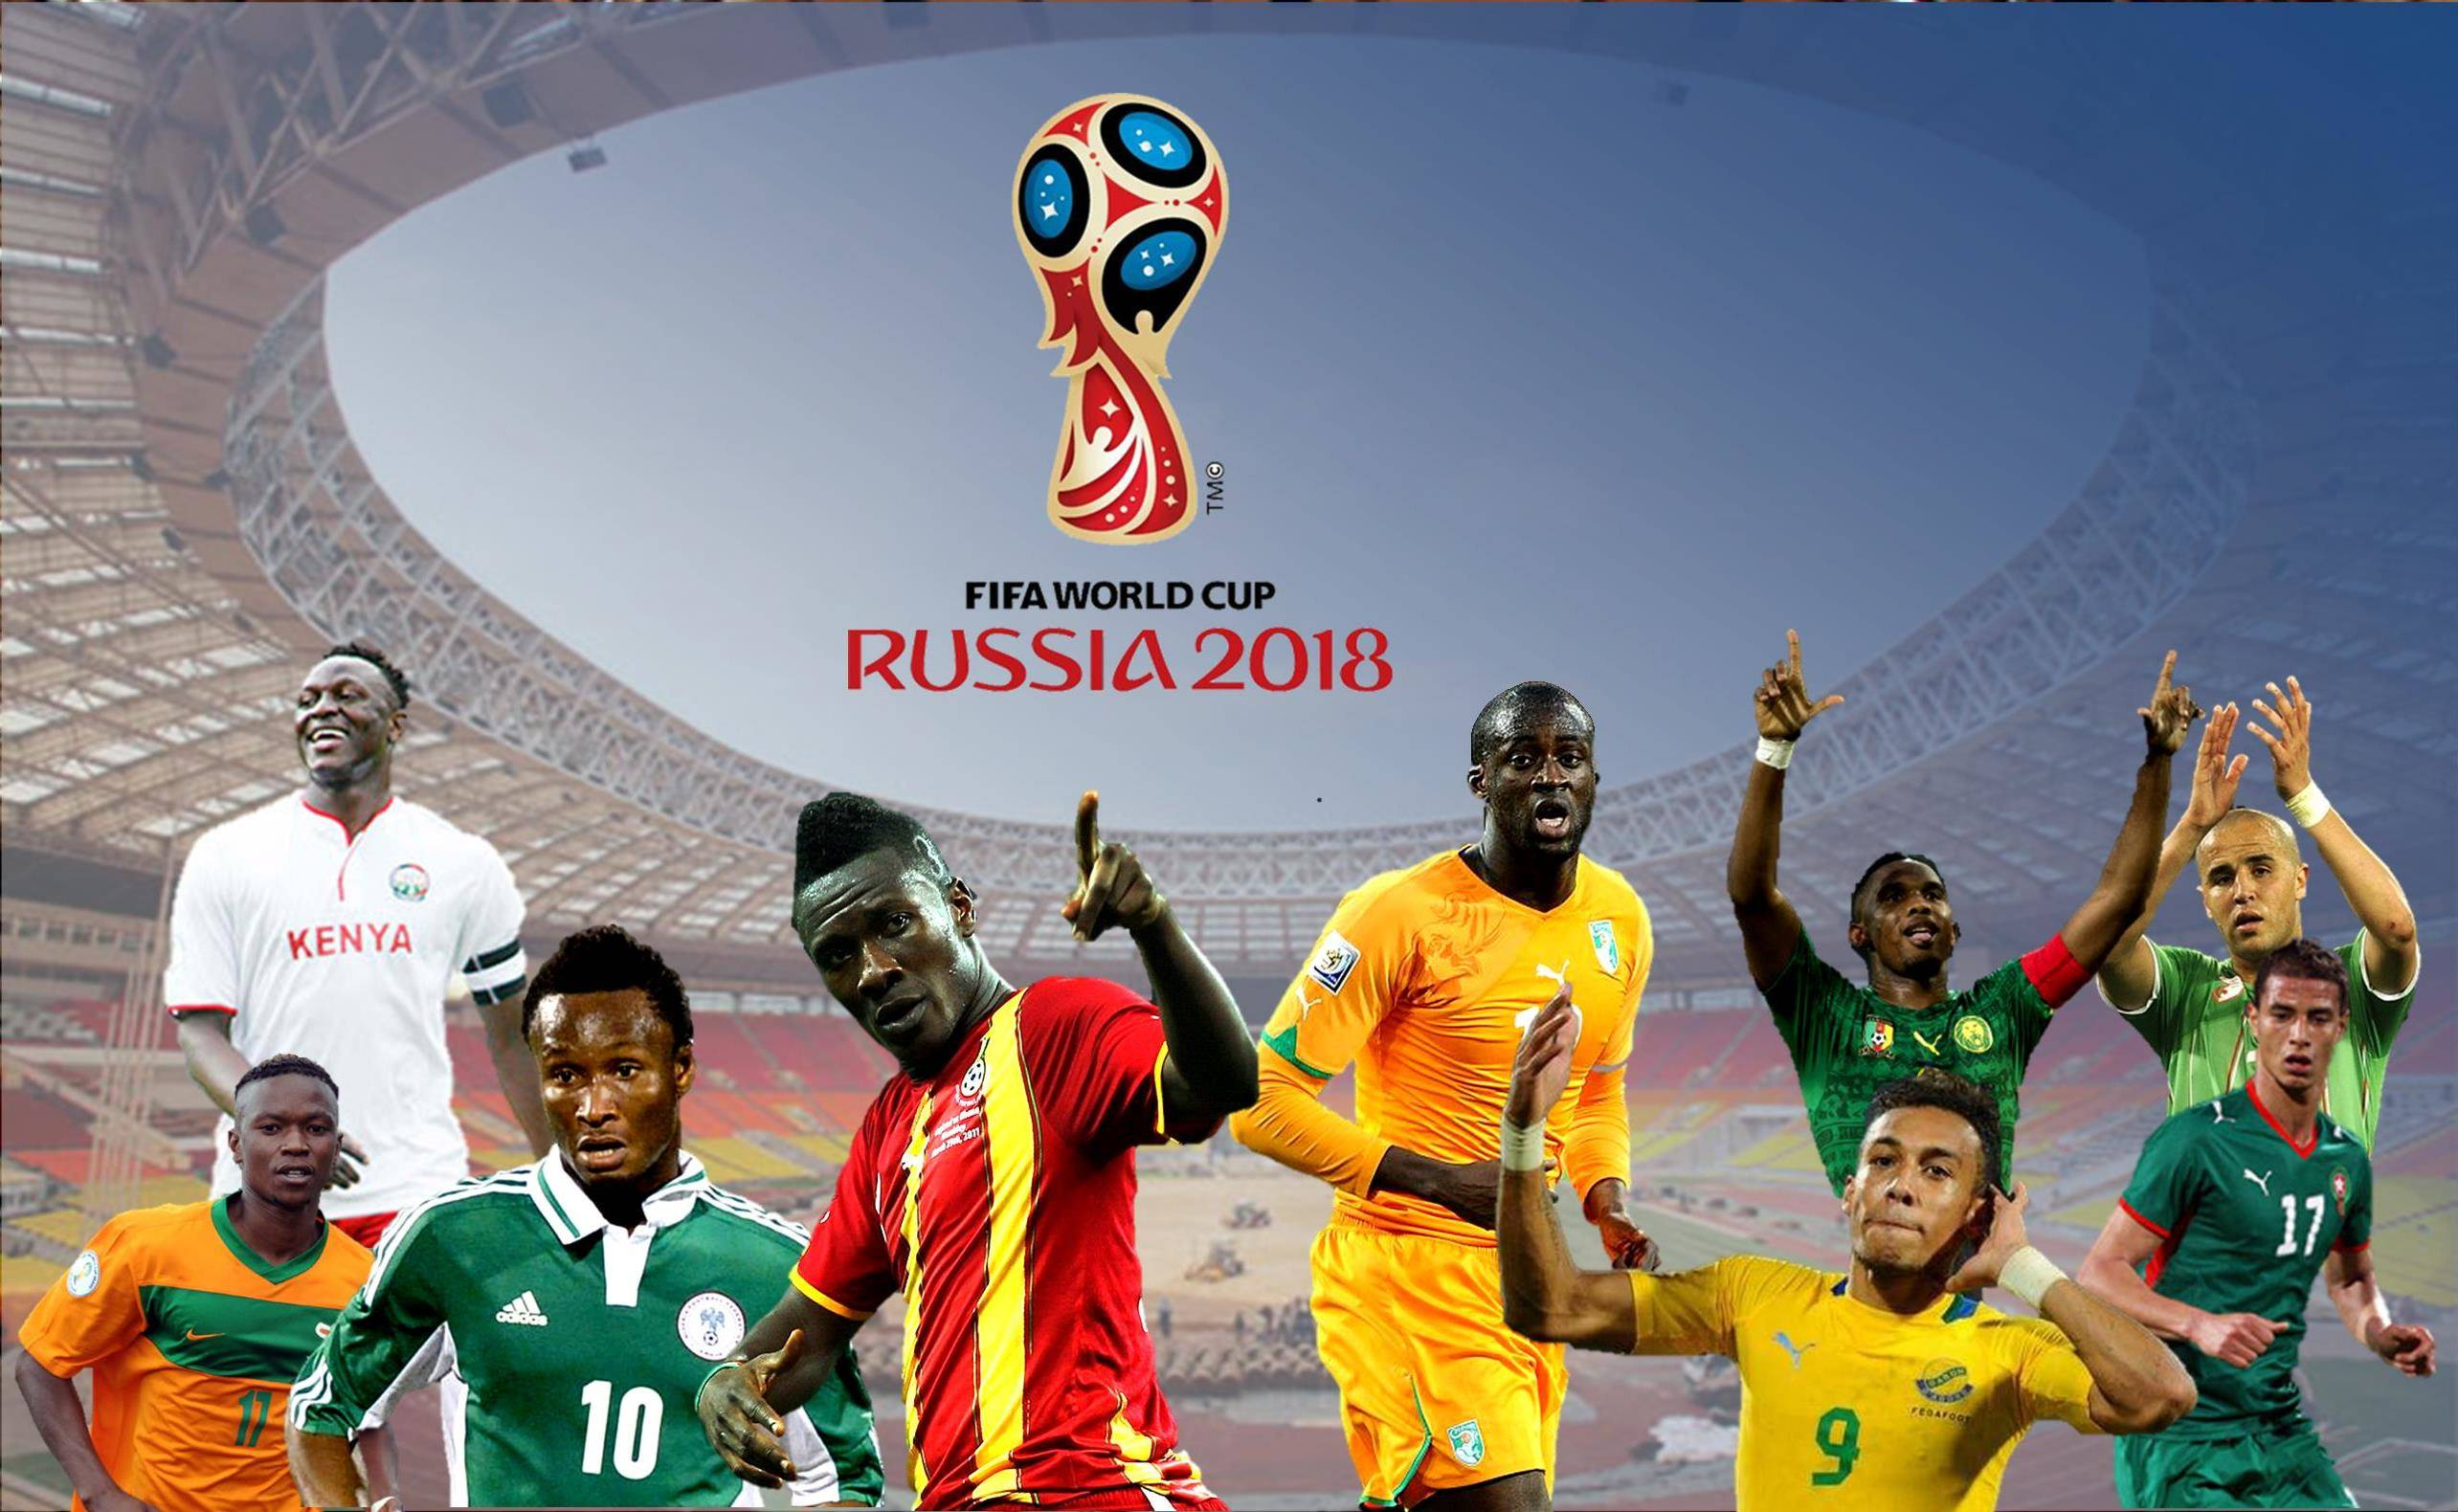 Cá độ World Cup 2018 là cơ hội kiếm tiền nhanh chóng